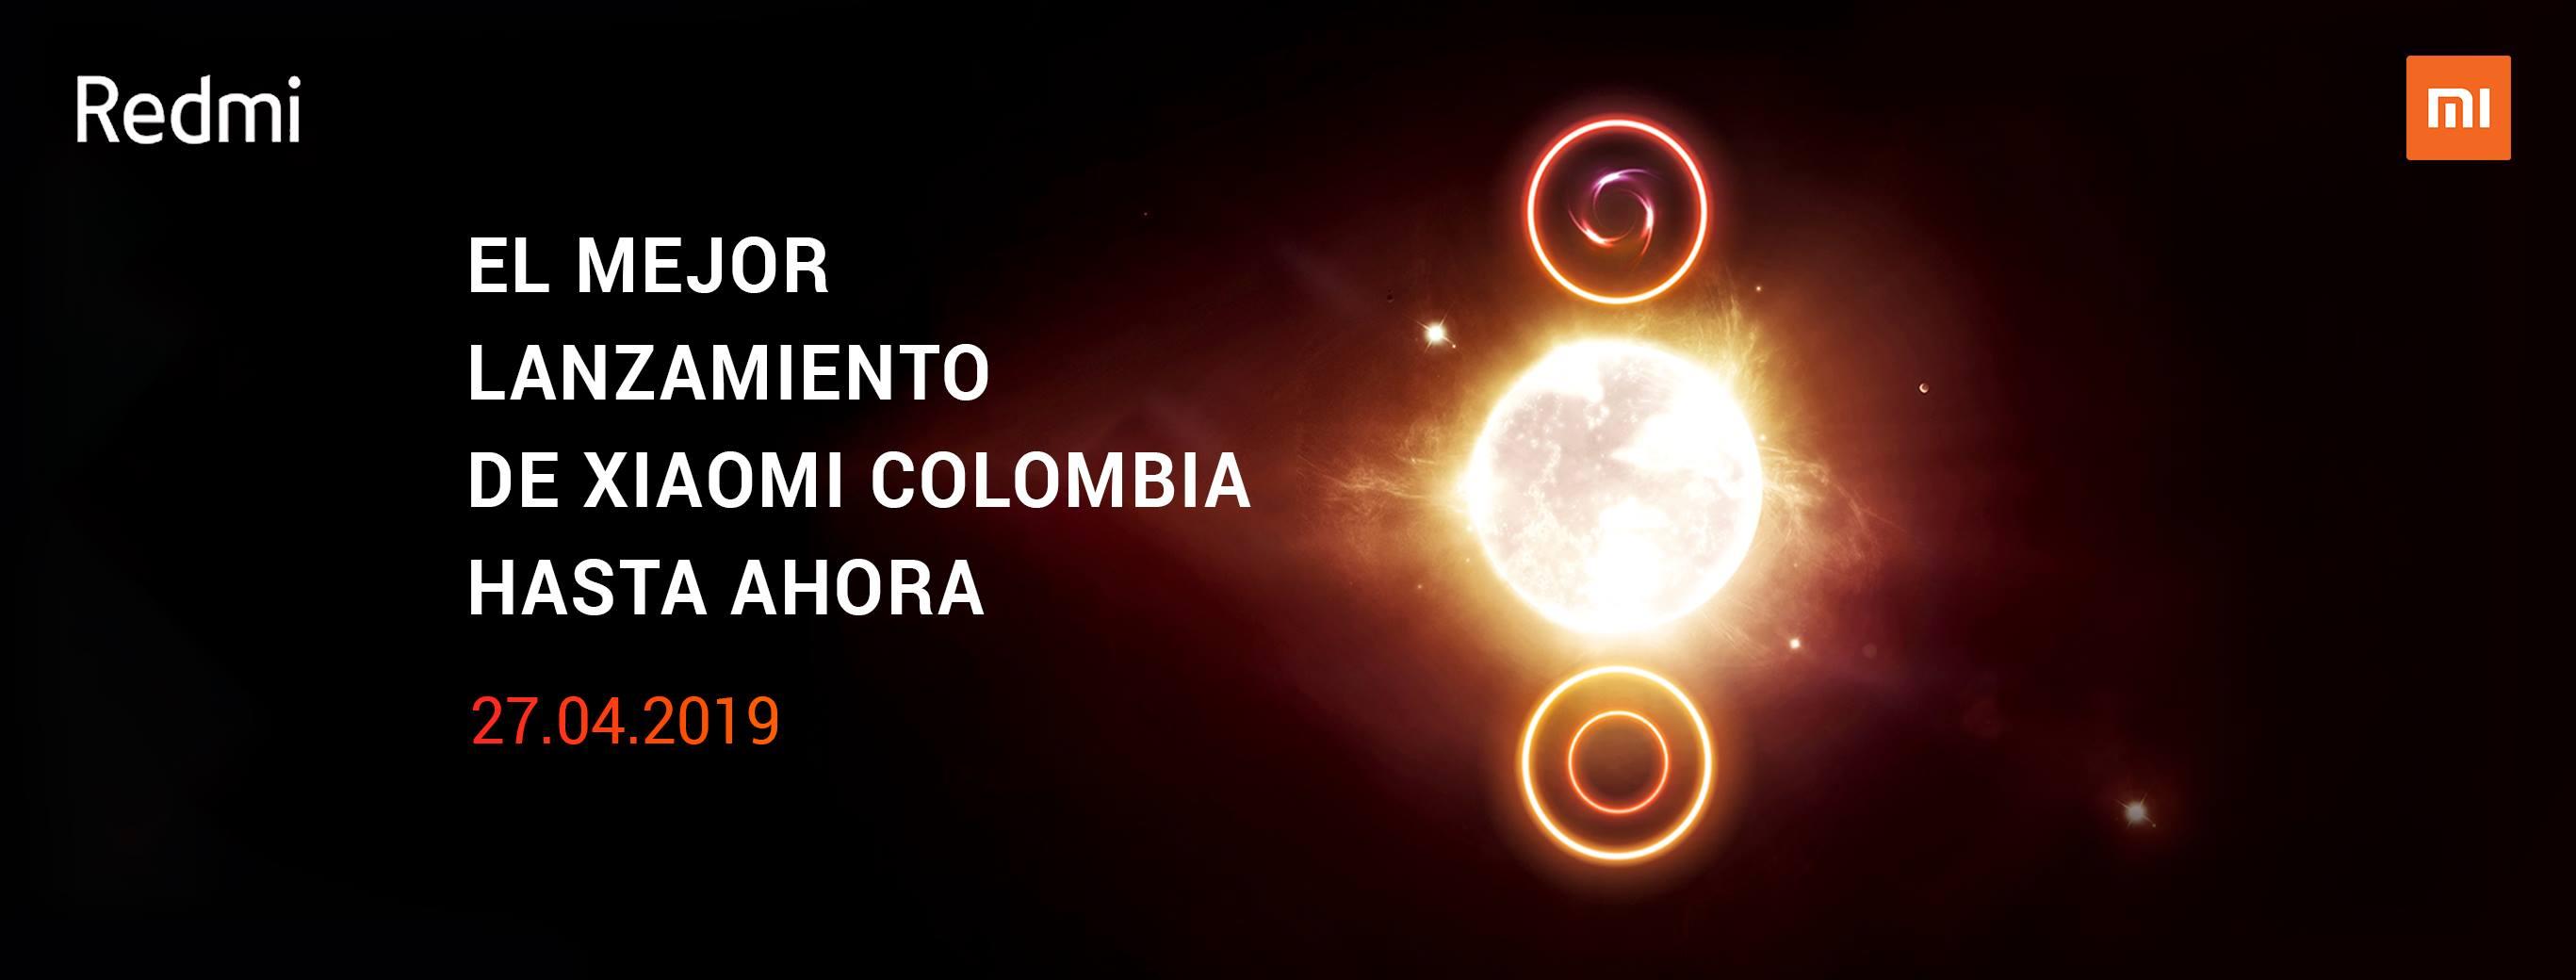 Colombia recibirá su Mi Store más grande del pais. Fecha: 27 de abril. Noticias Xiaomi Adictos